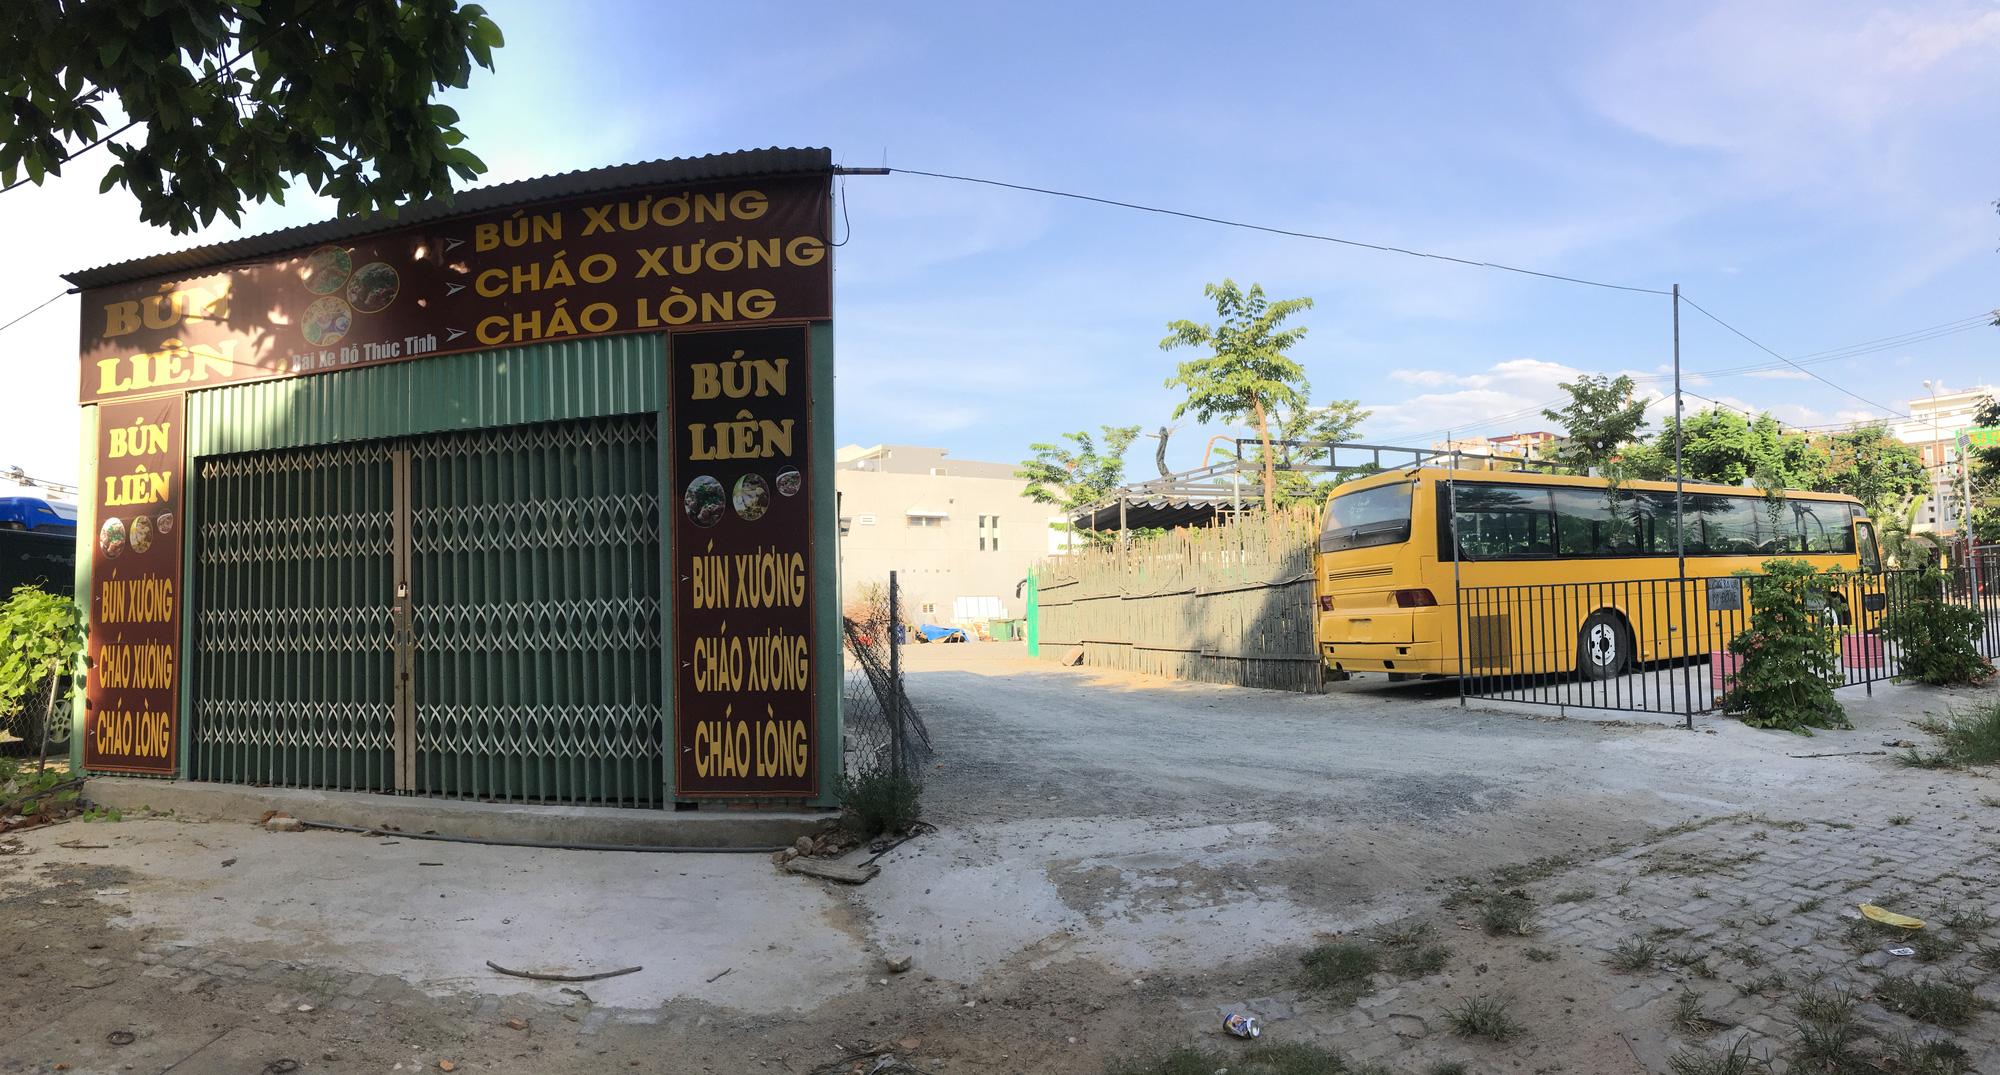 Cận cảnh hai khu đất ở quận Cẩm Lệ, Đà Nẵng sẽ đấu giá làm bãi đỗ xe - Ảnh 12.